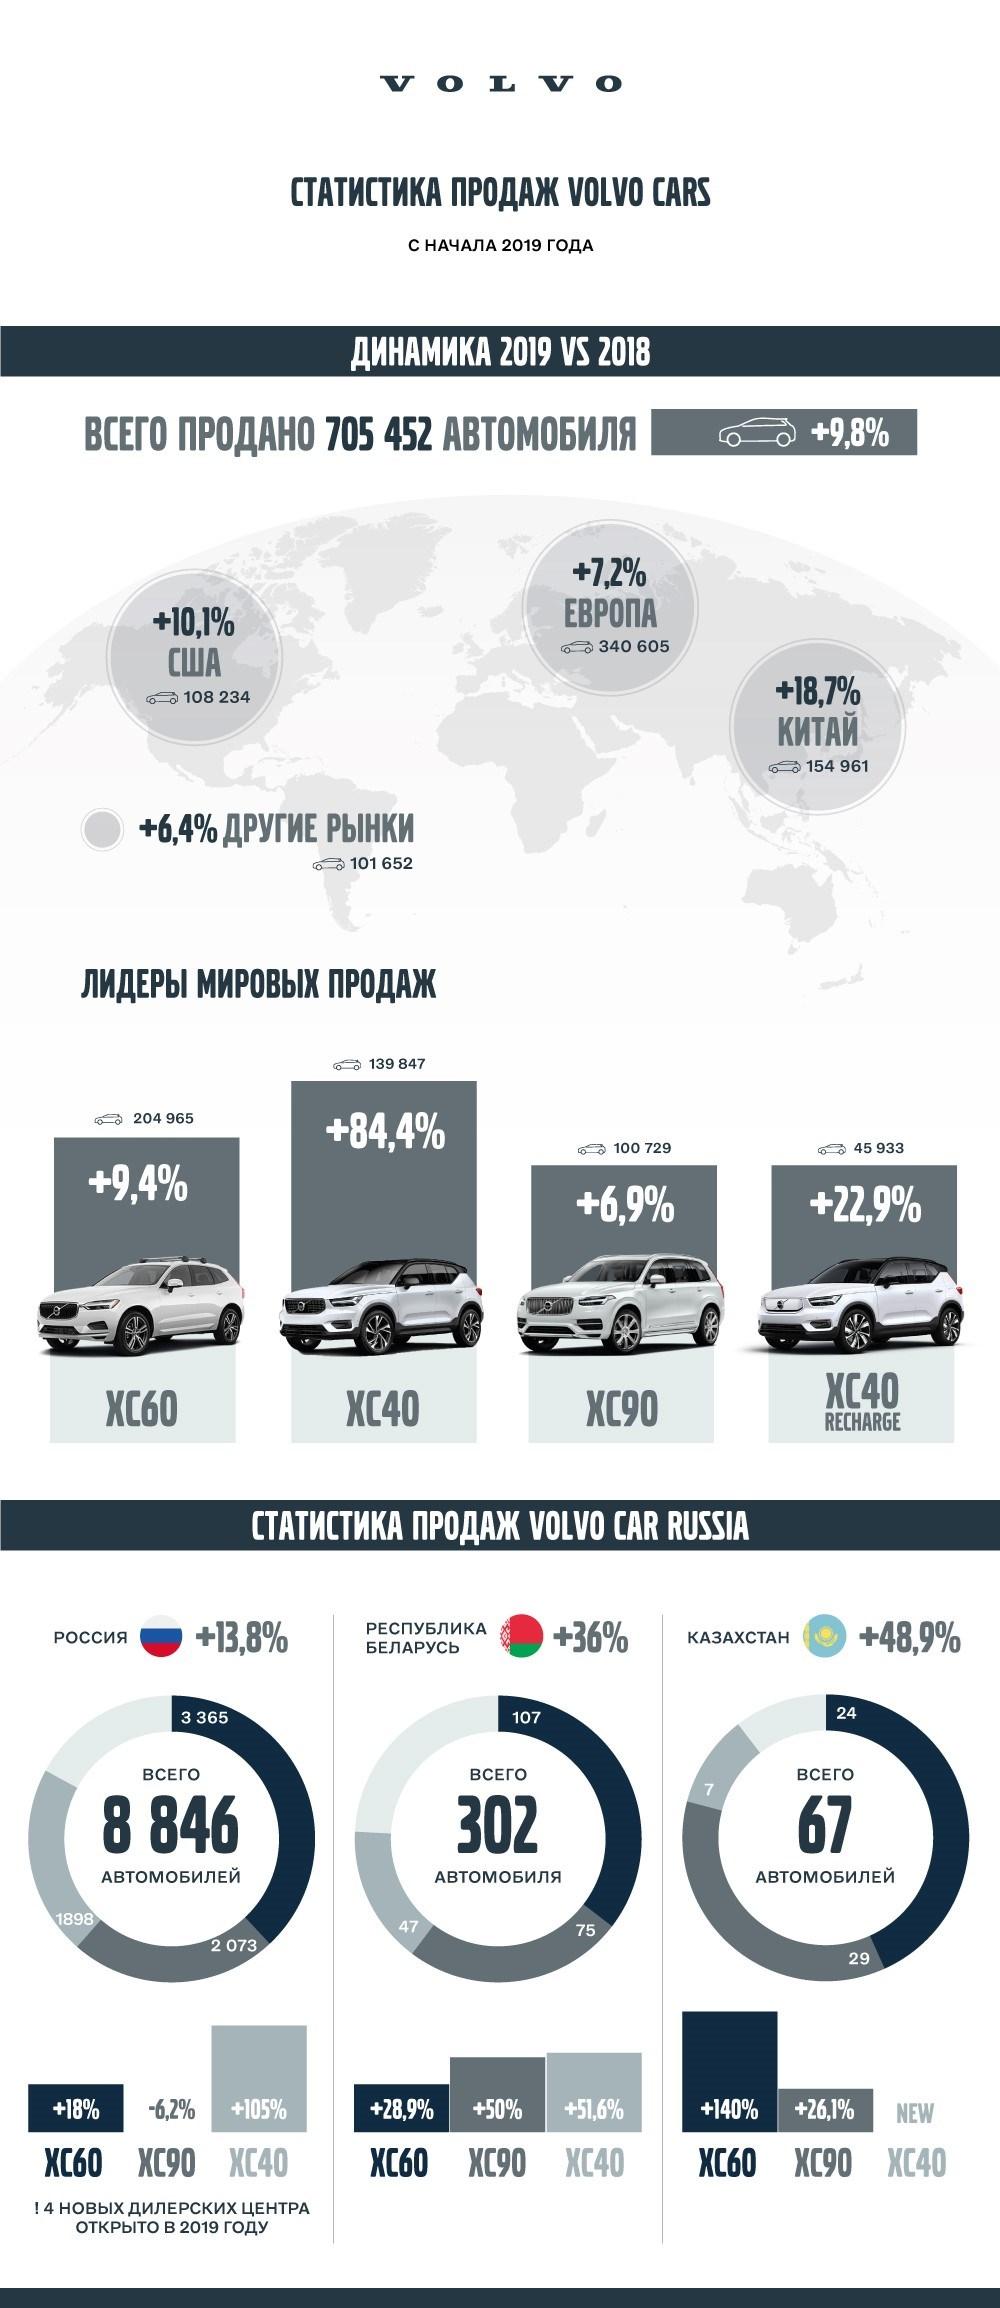 Итоги продаж Volvo Cars за 2019 год